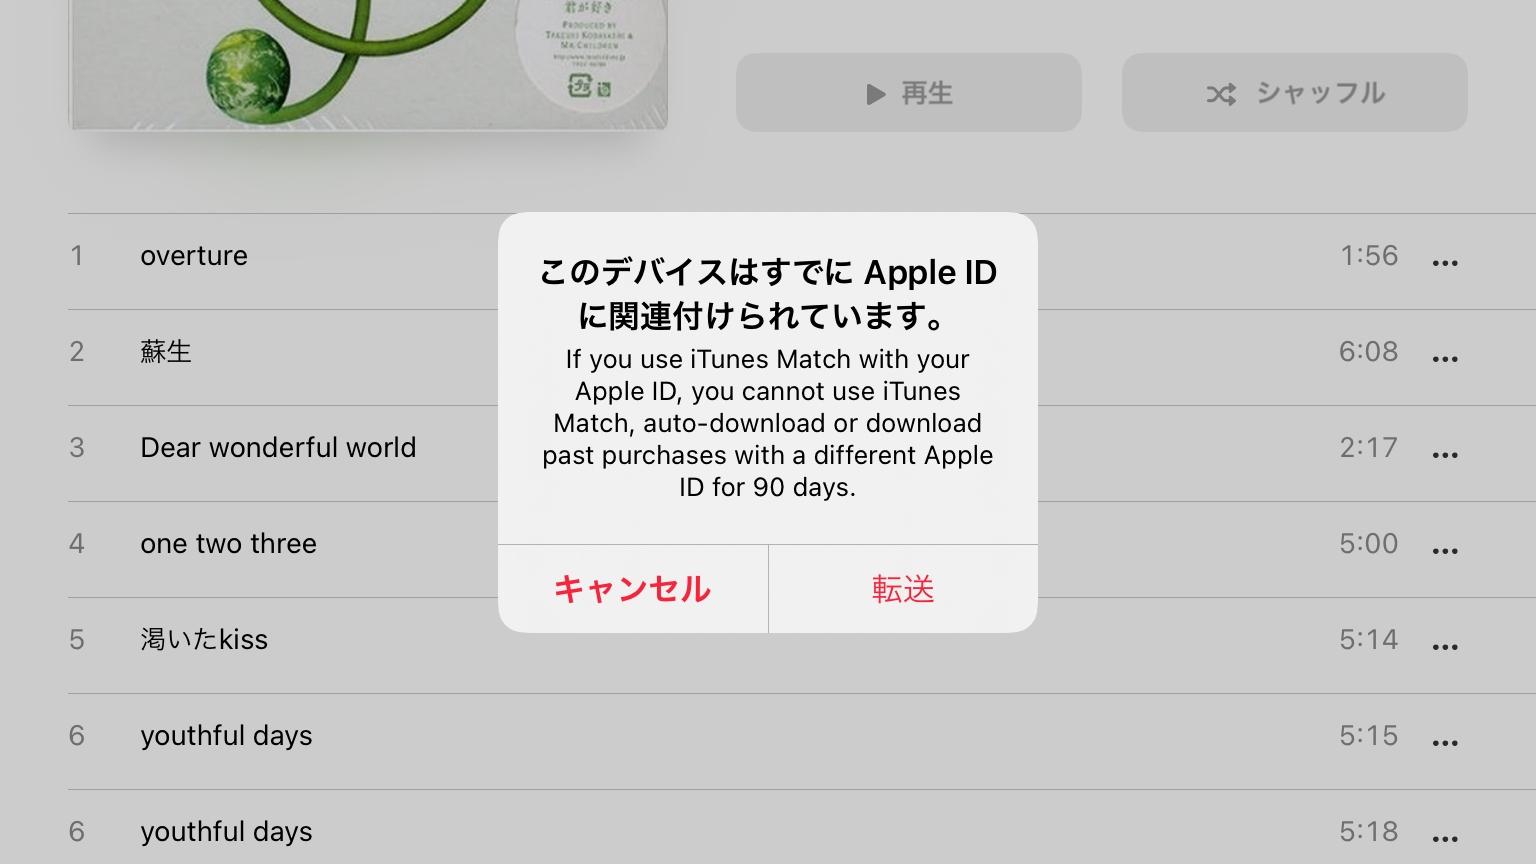 「このデバイスはすでにApple IDに関連付けられています。」というメッセージ